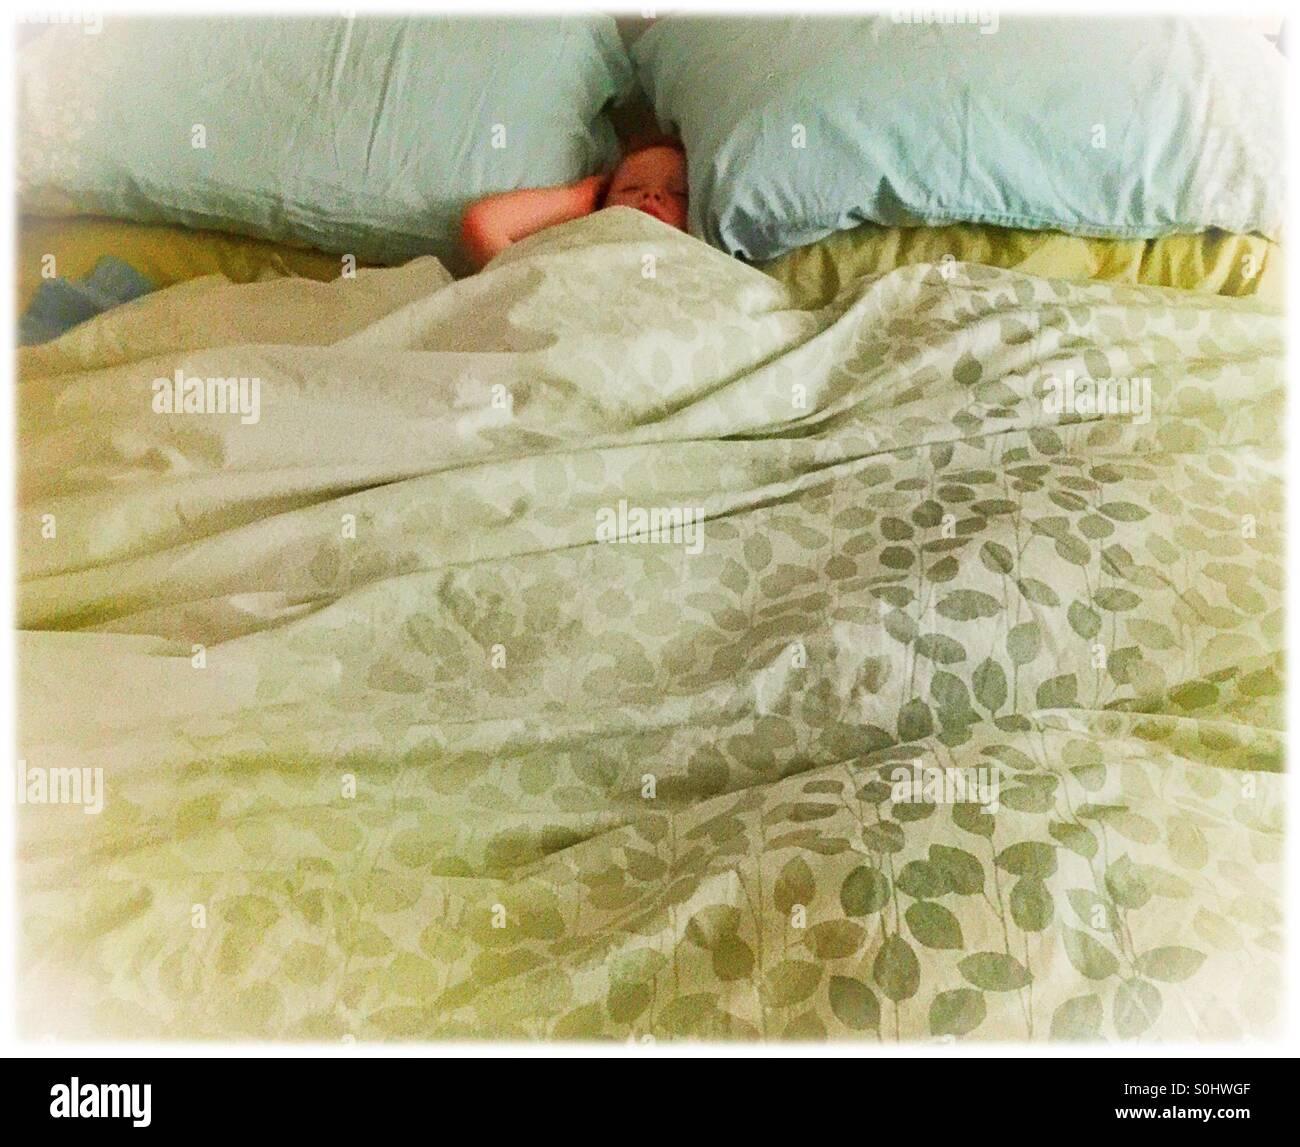 Kleines Kind in einem großen Bett schlafen Stockbild